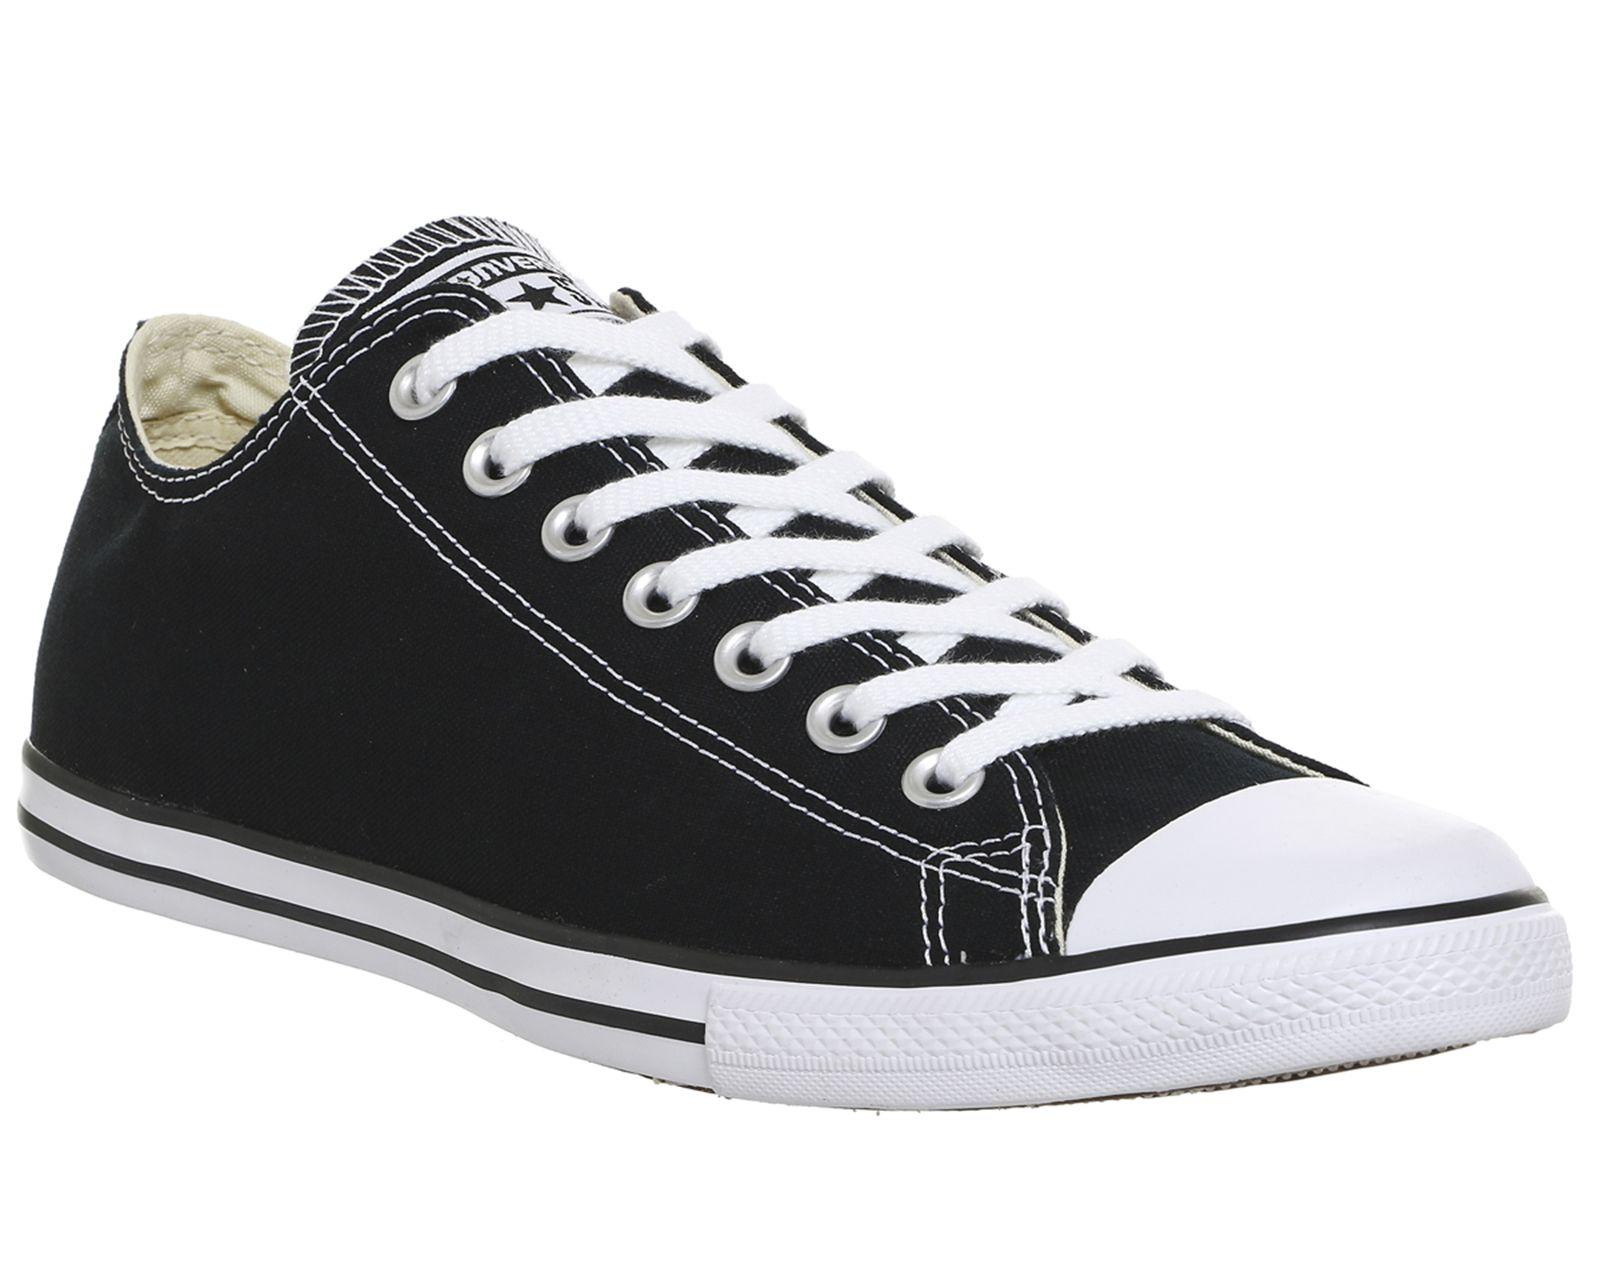 Converse Ox Premium Leather Off White 8 UK: Amazon.co.uk